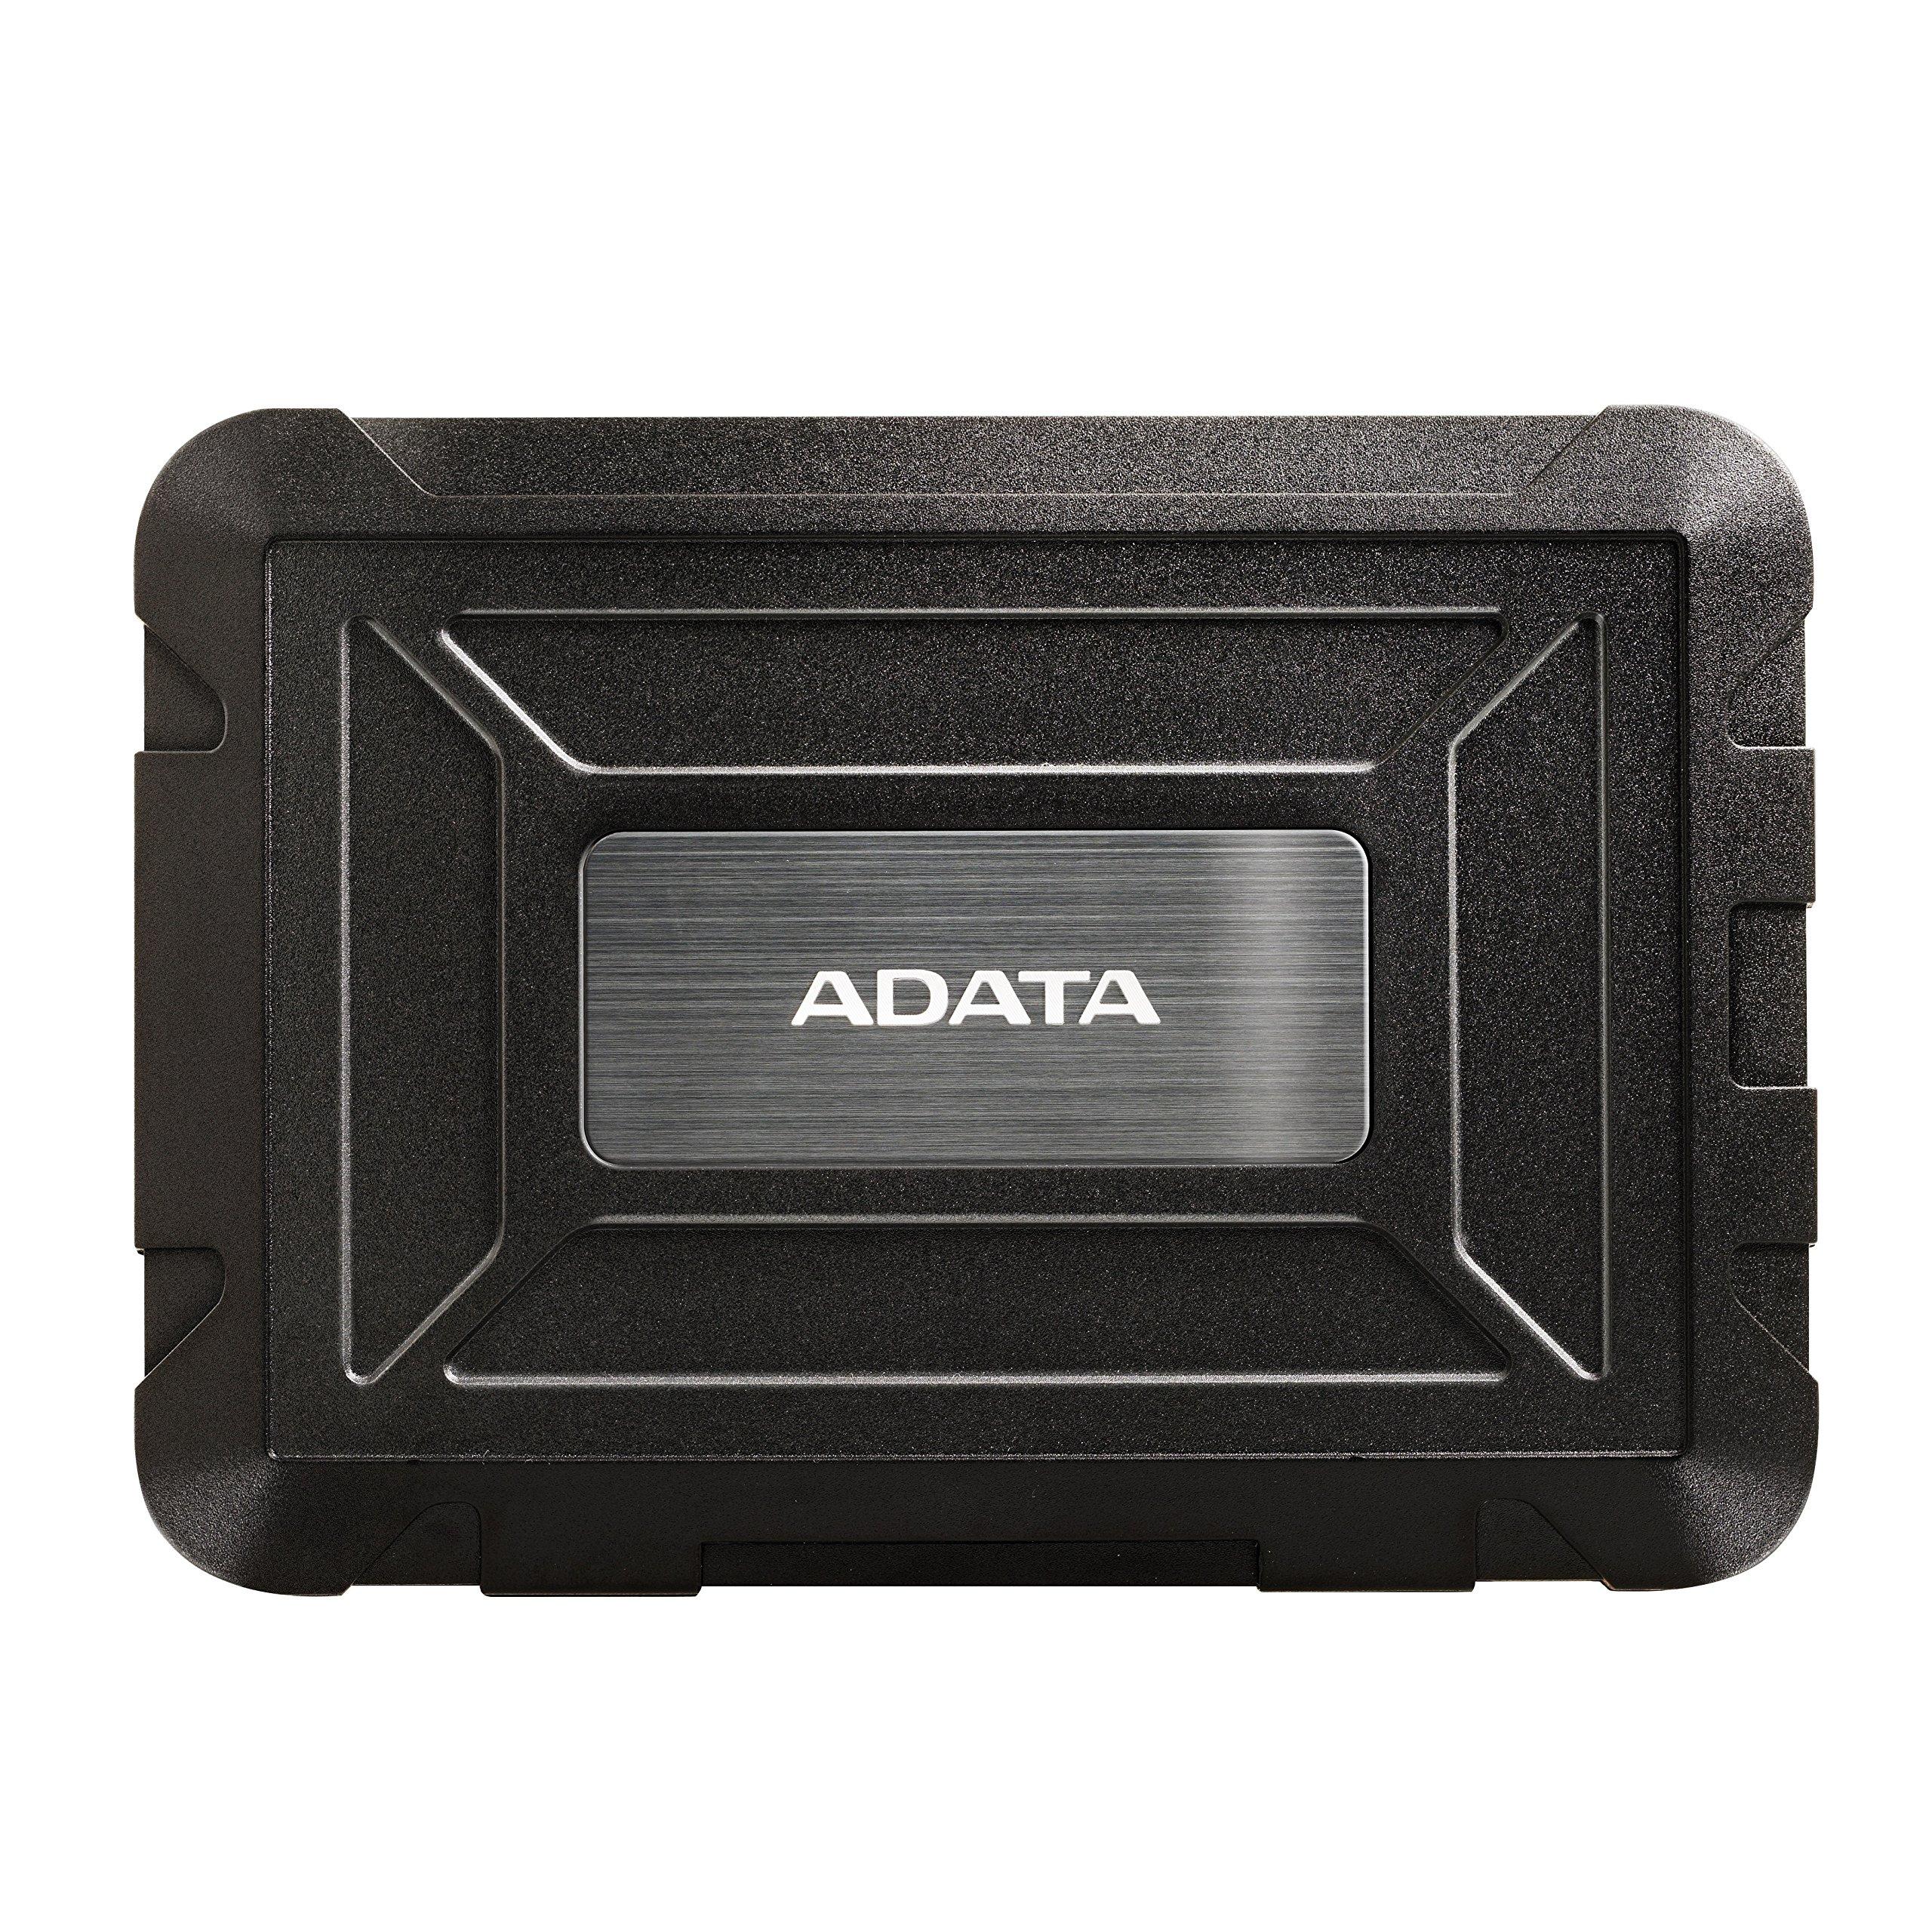 ADATA Tool Free Waterproof Shockproof AED600 U31 CBK